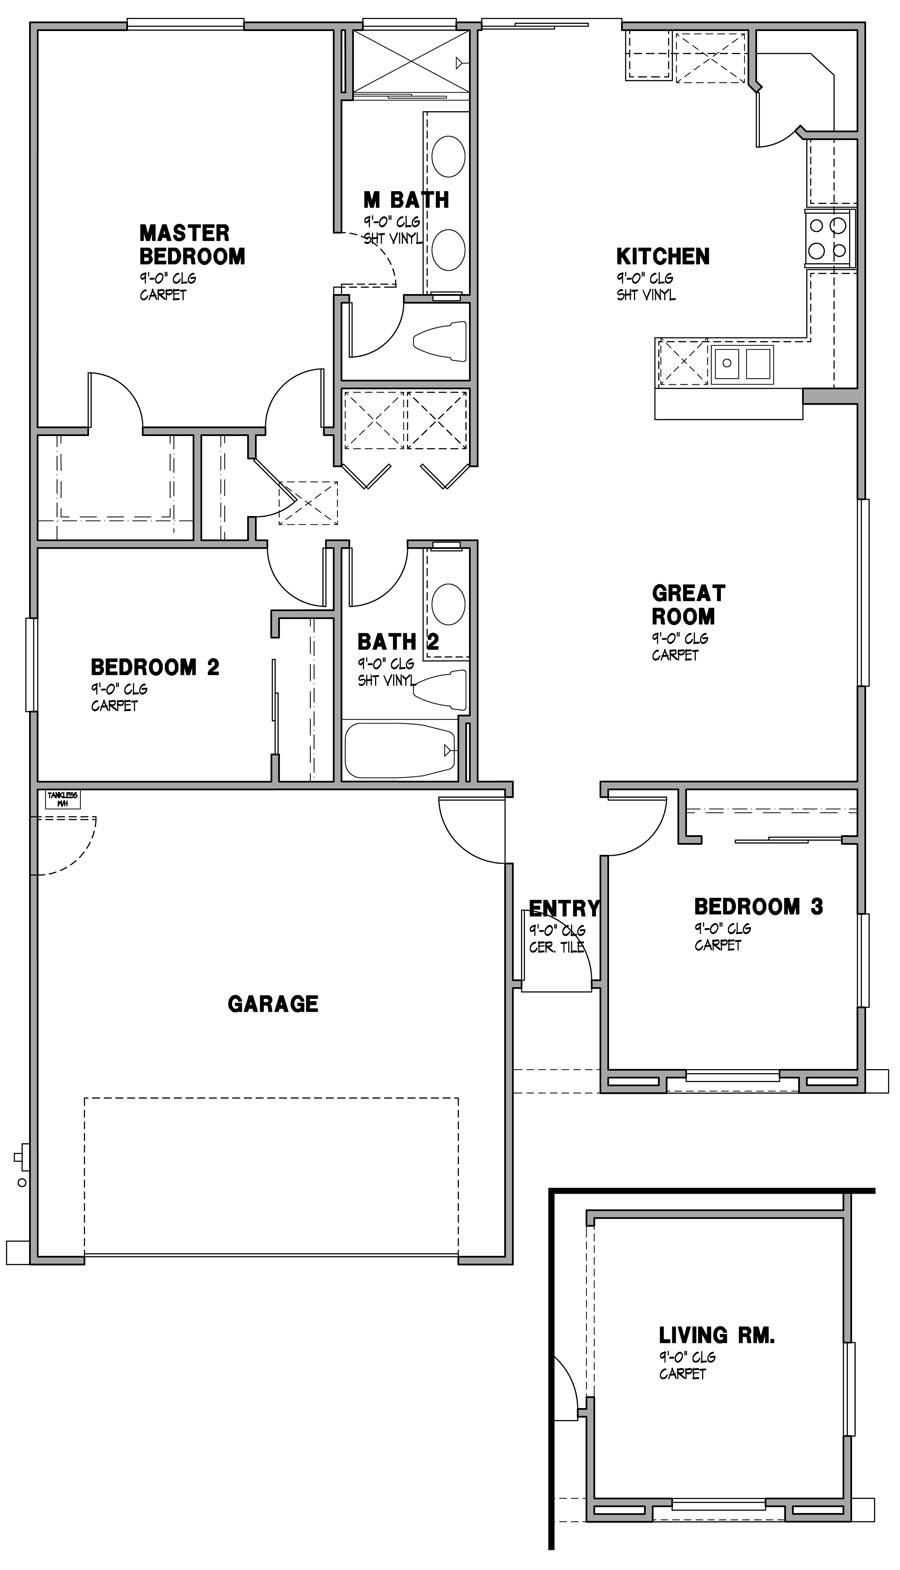 Solana Vista - Residence 1 Layout